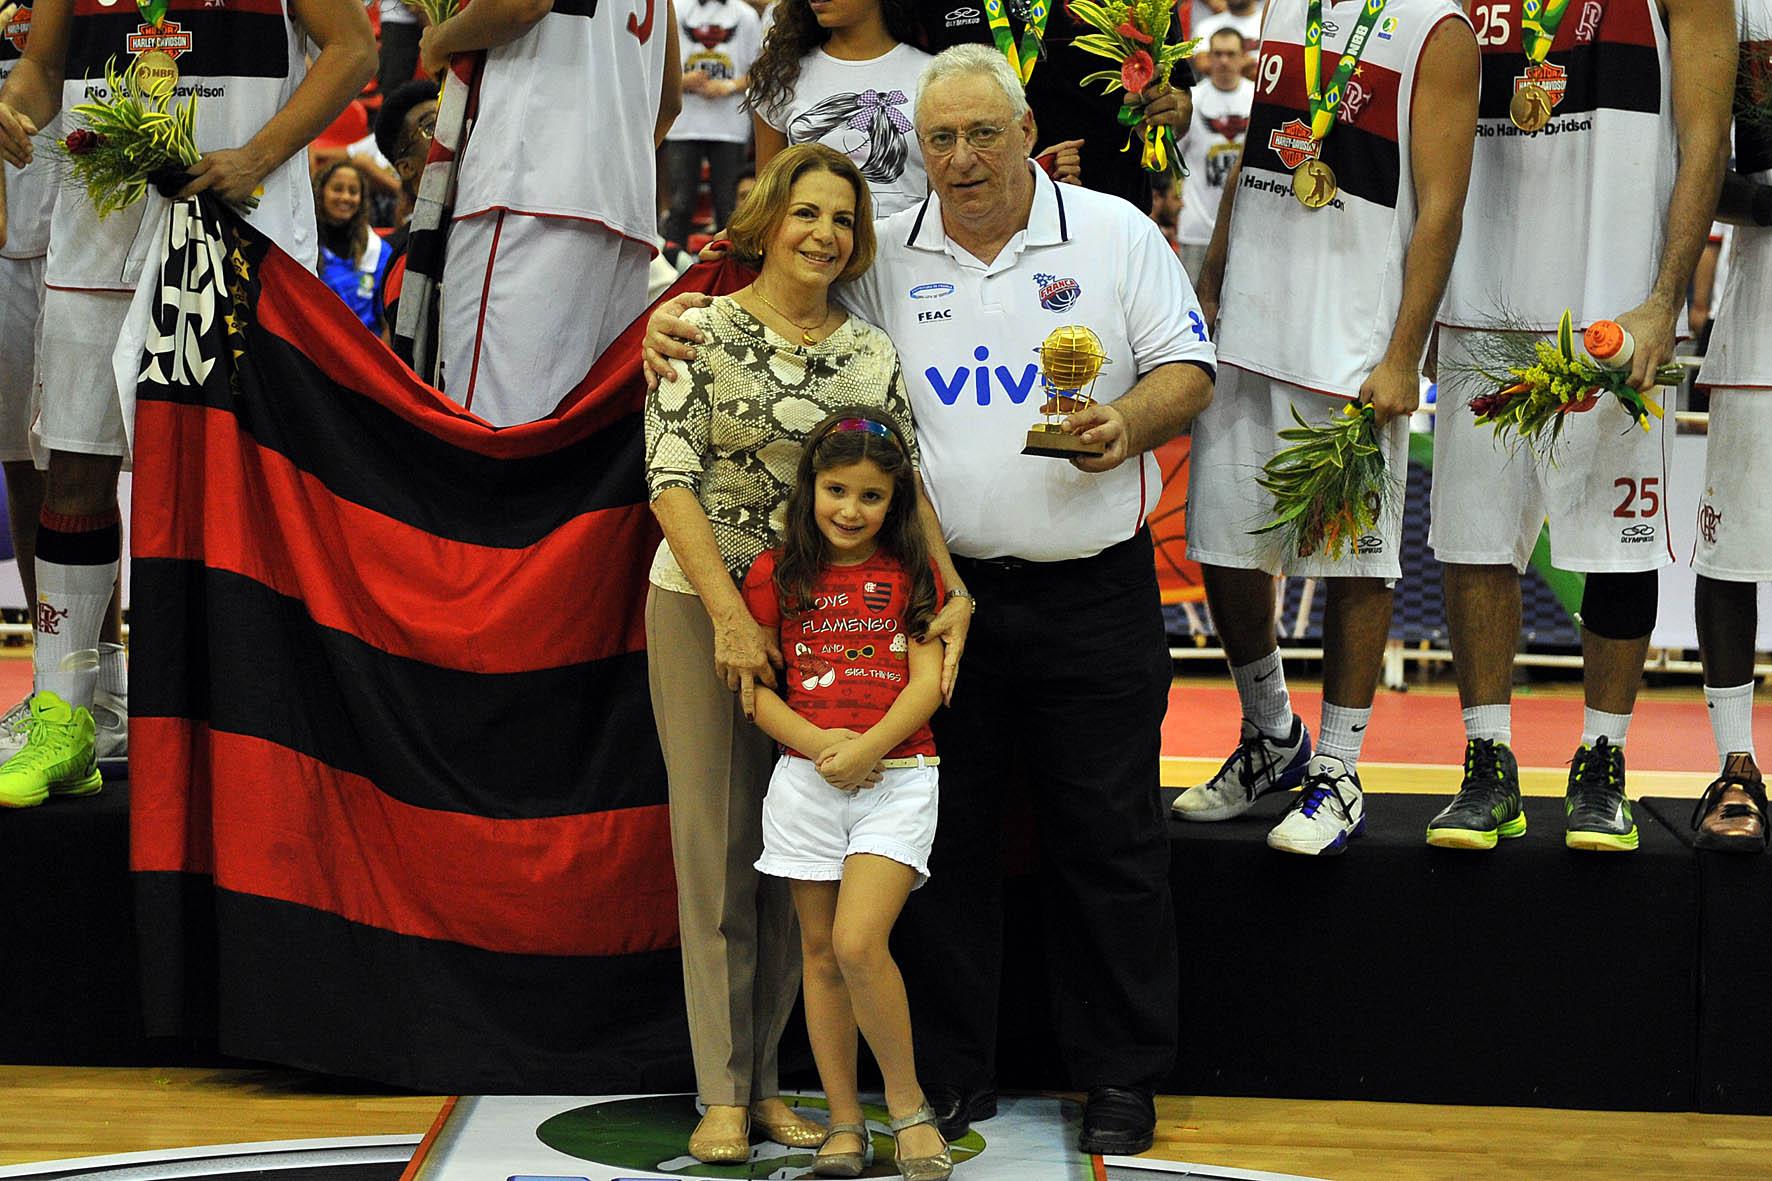 Lula Ferreira recebe o Troféu Ary Vidal das mãos da esposa de Ary Vidal